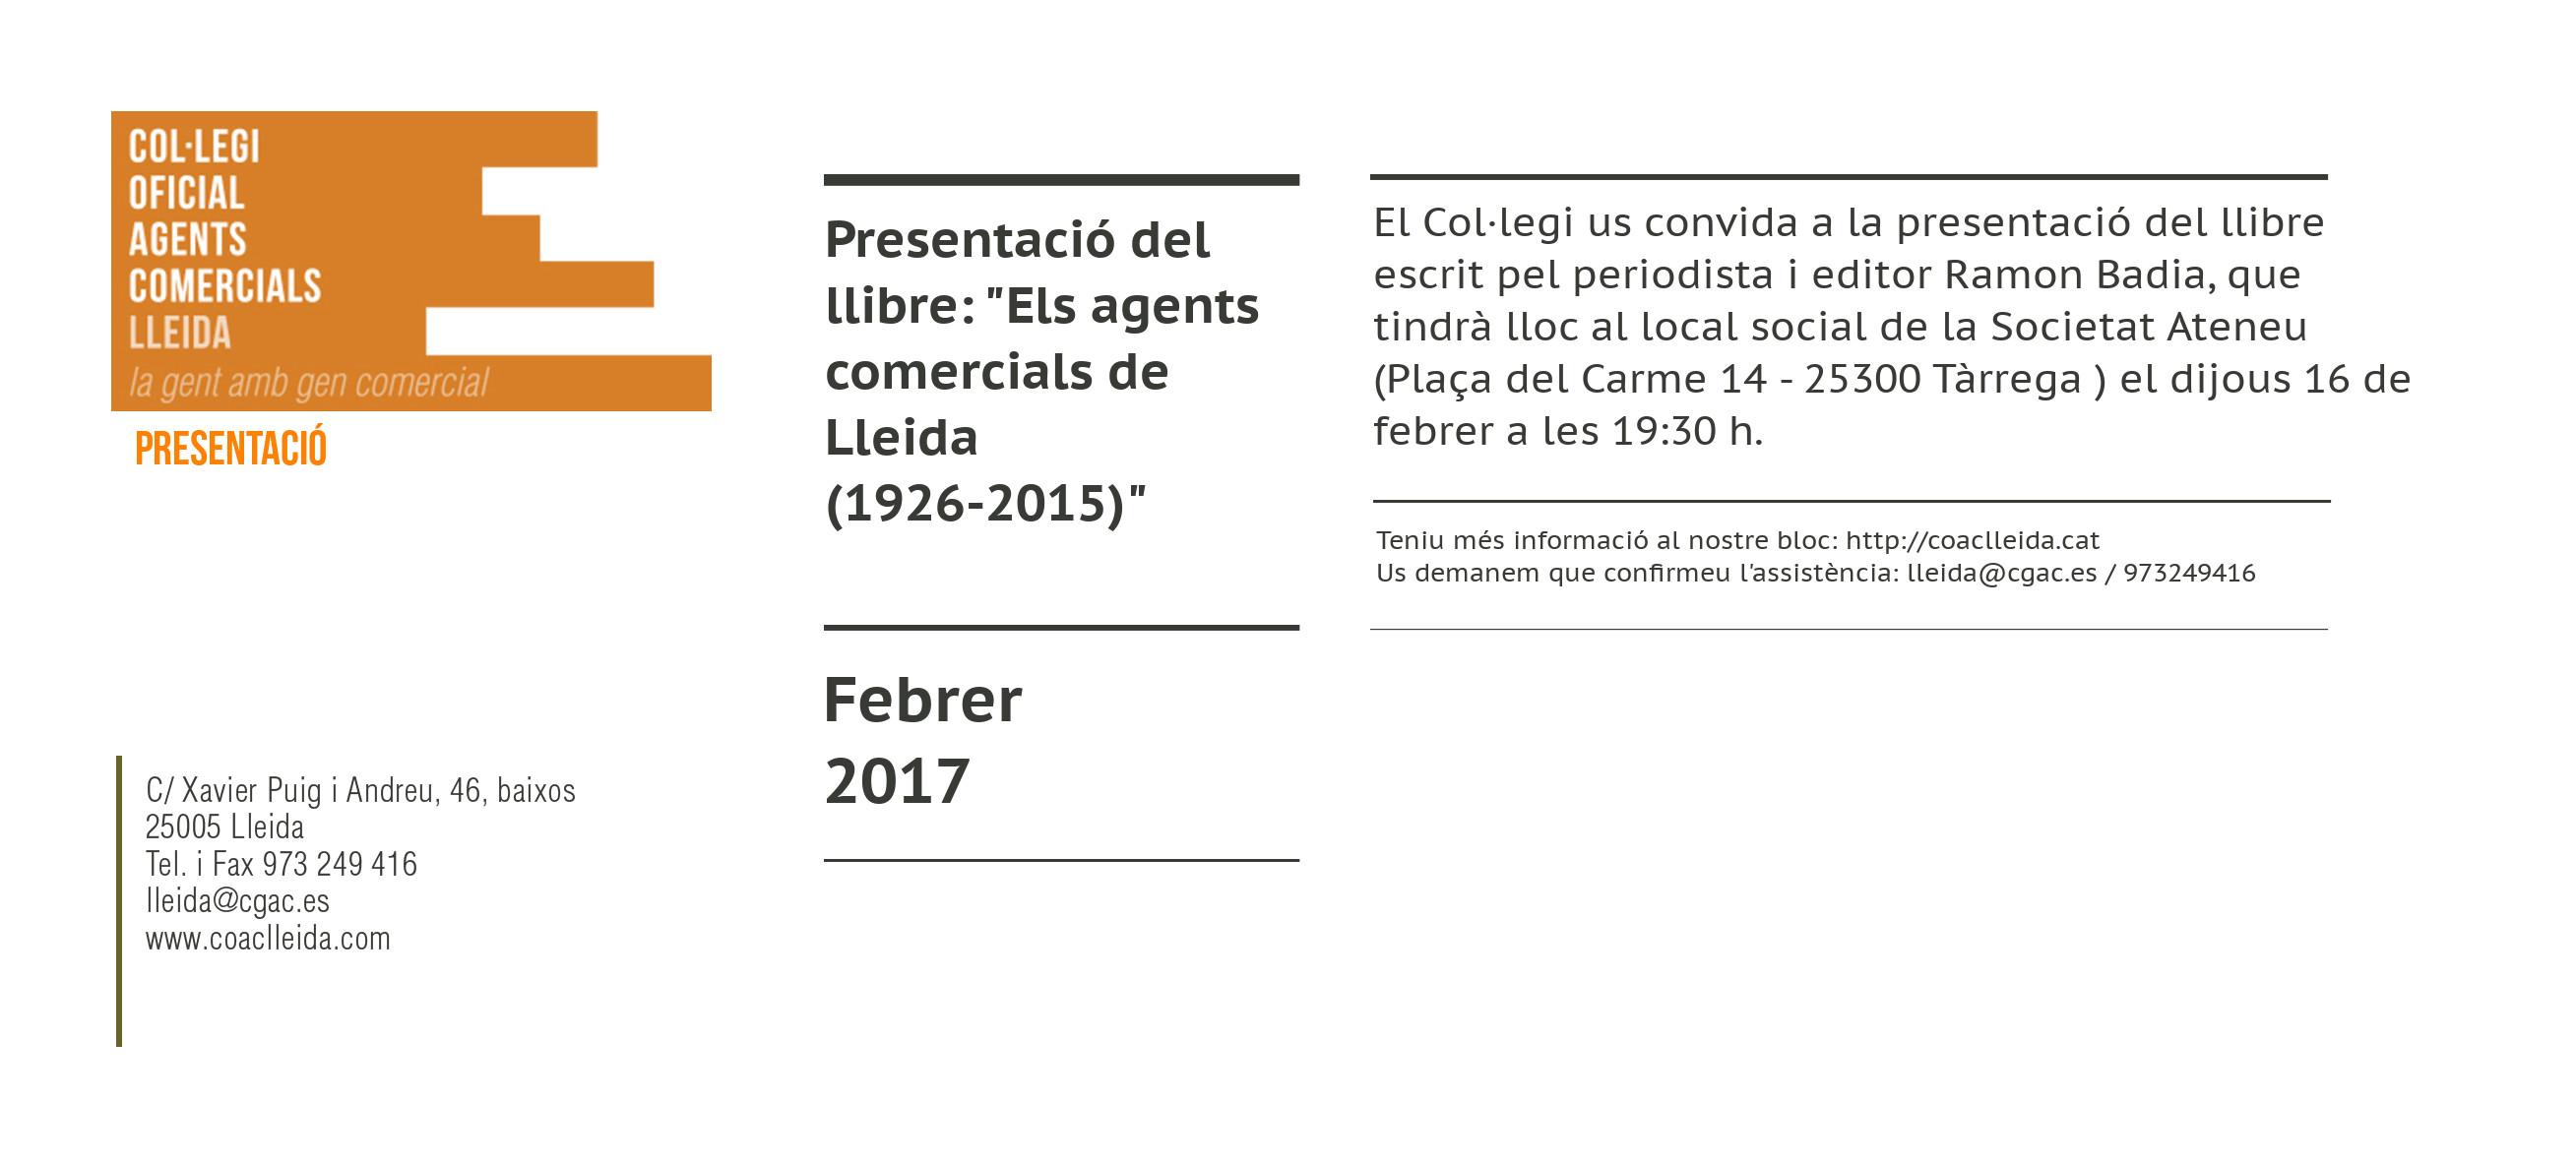 presetnació_llibre_Tarrega2